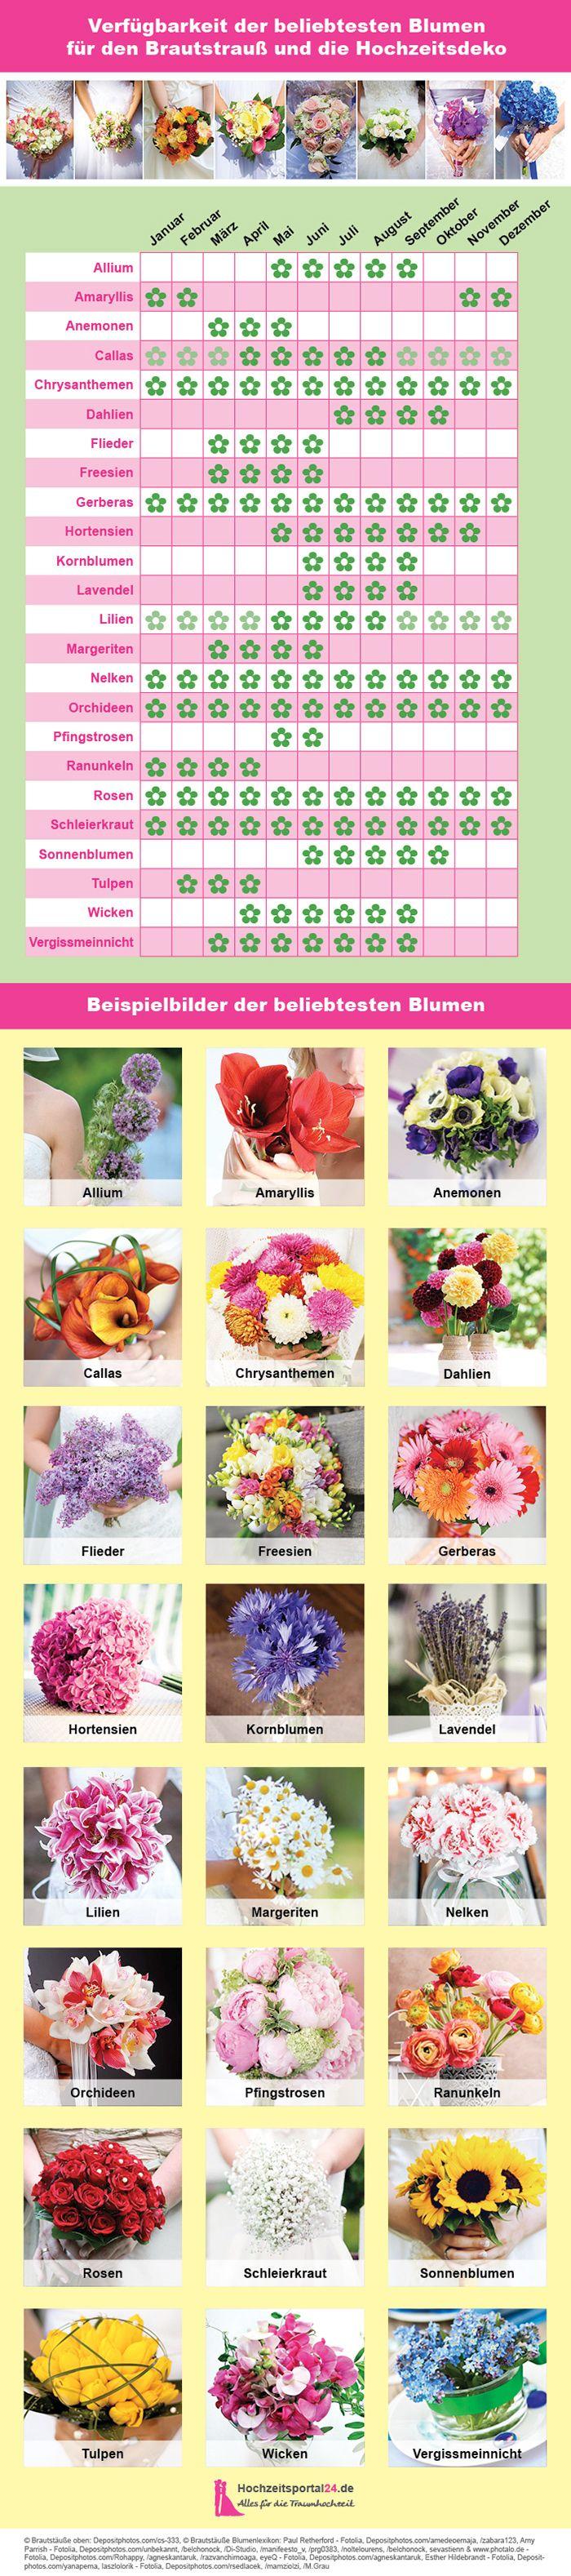 Die beliebtesten Blumen fr eure Hochzeit und wann sie berhaupt verfgbar sind  Low Carb